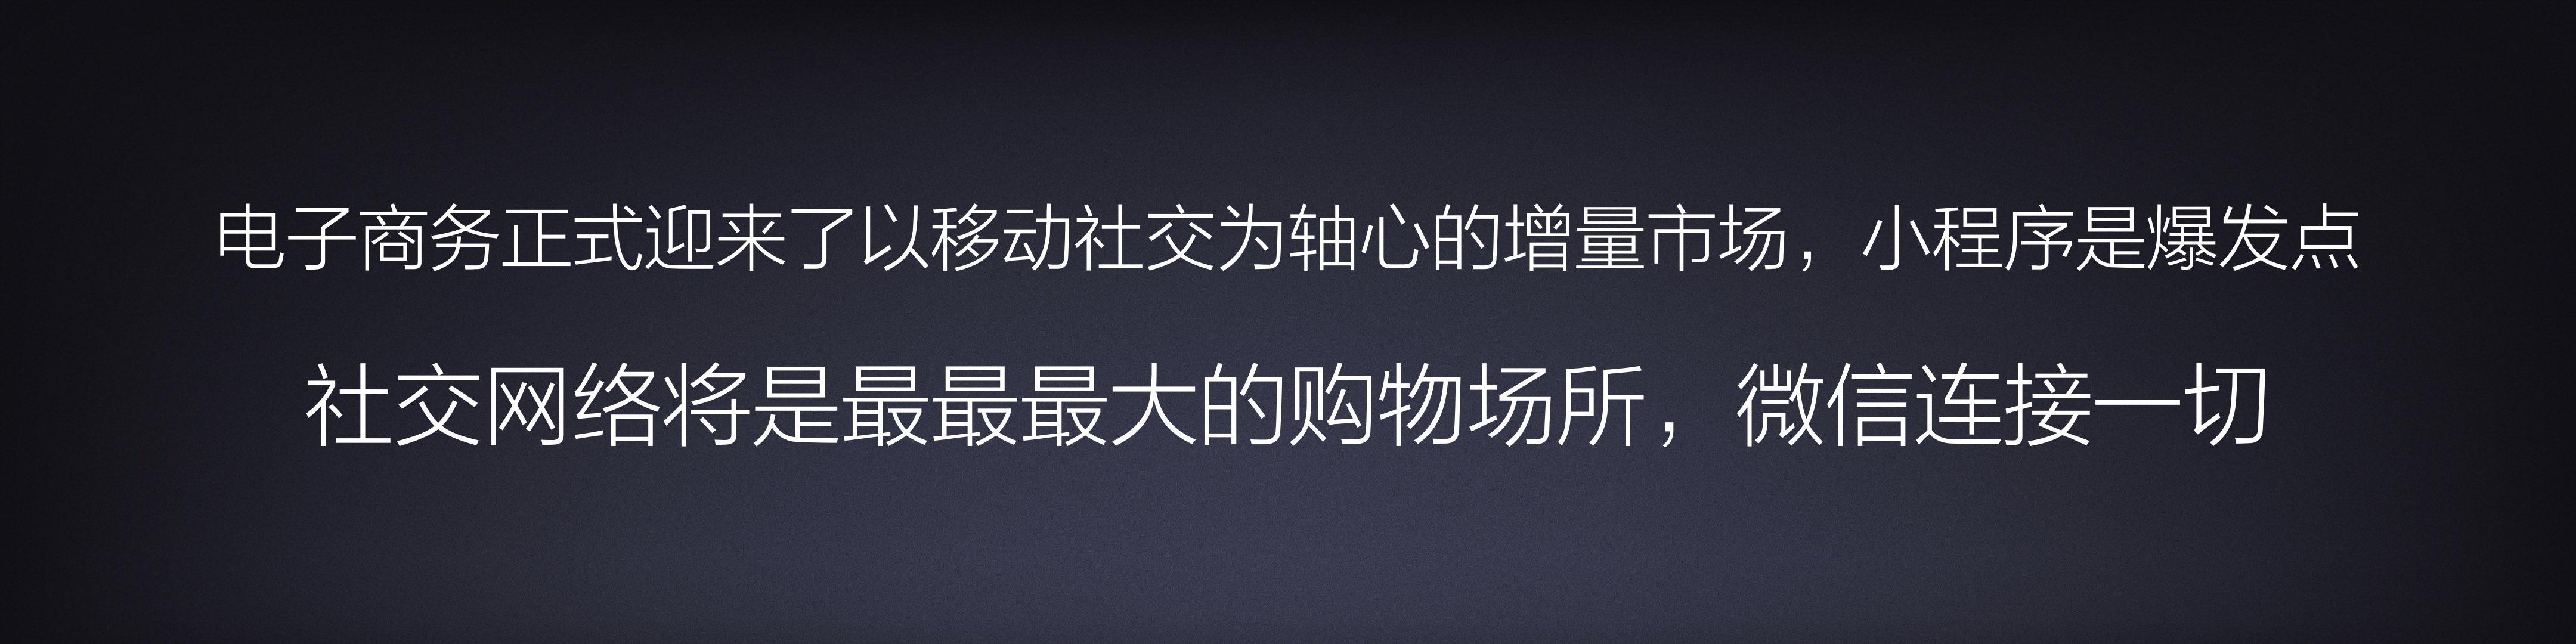 2018有赞春季沙龙-公开版.005.jpeg